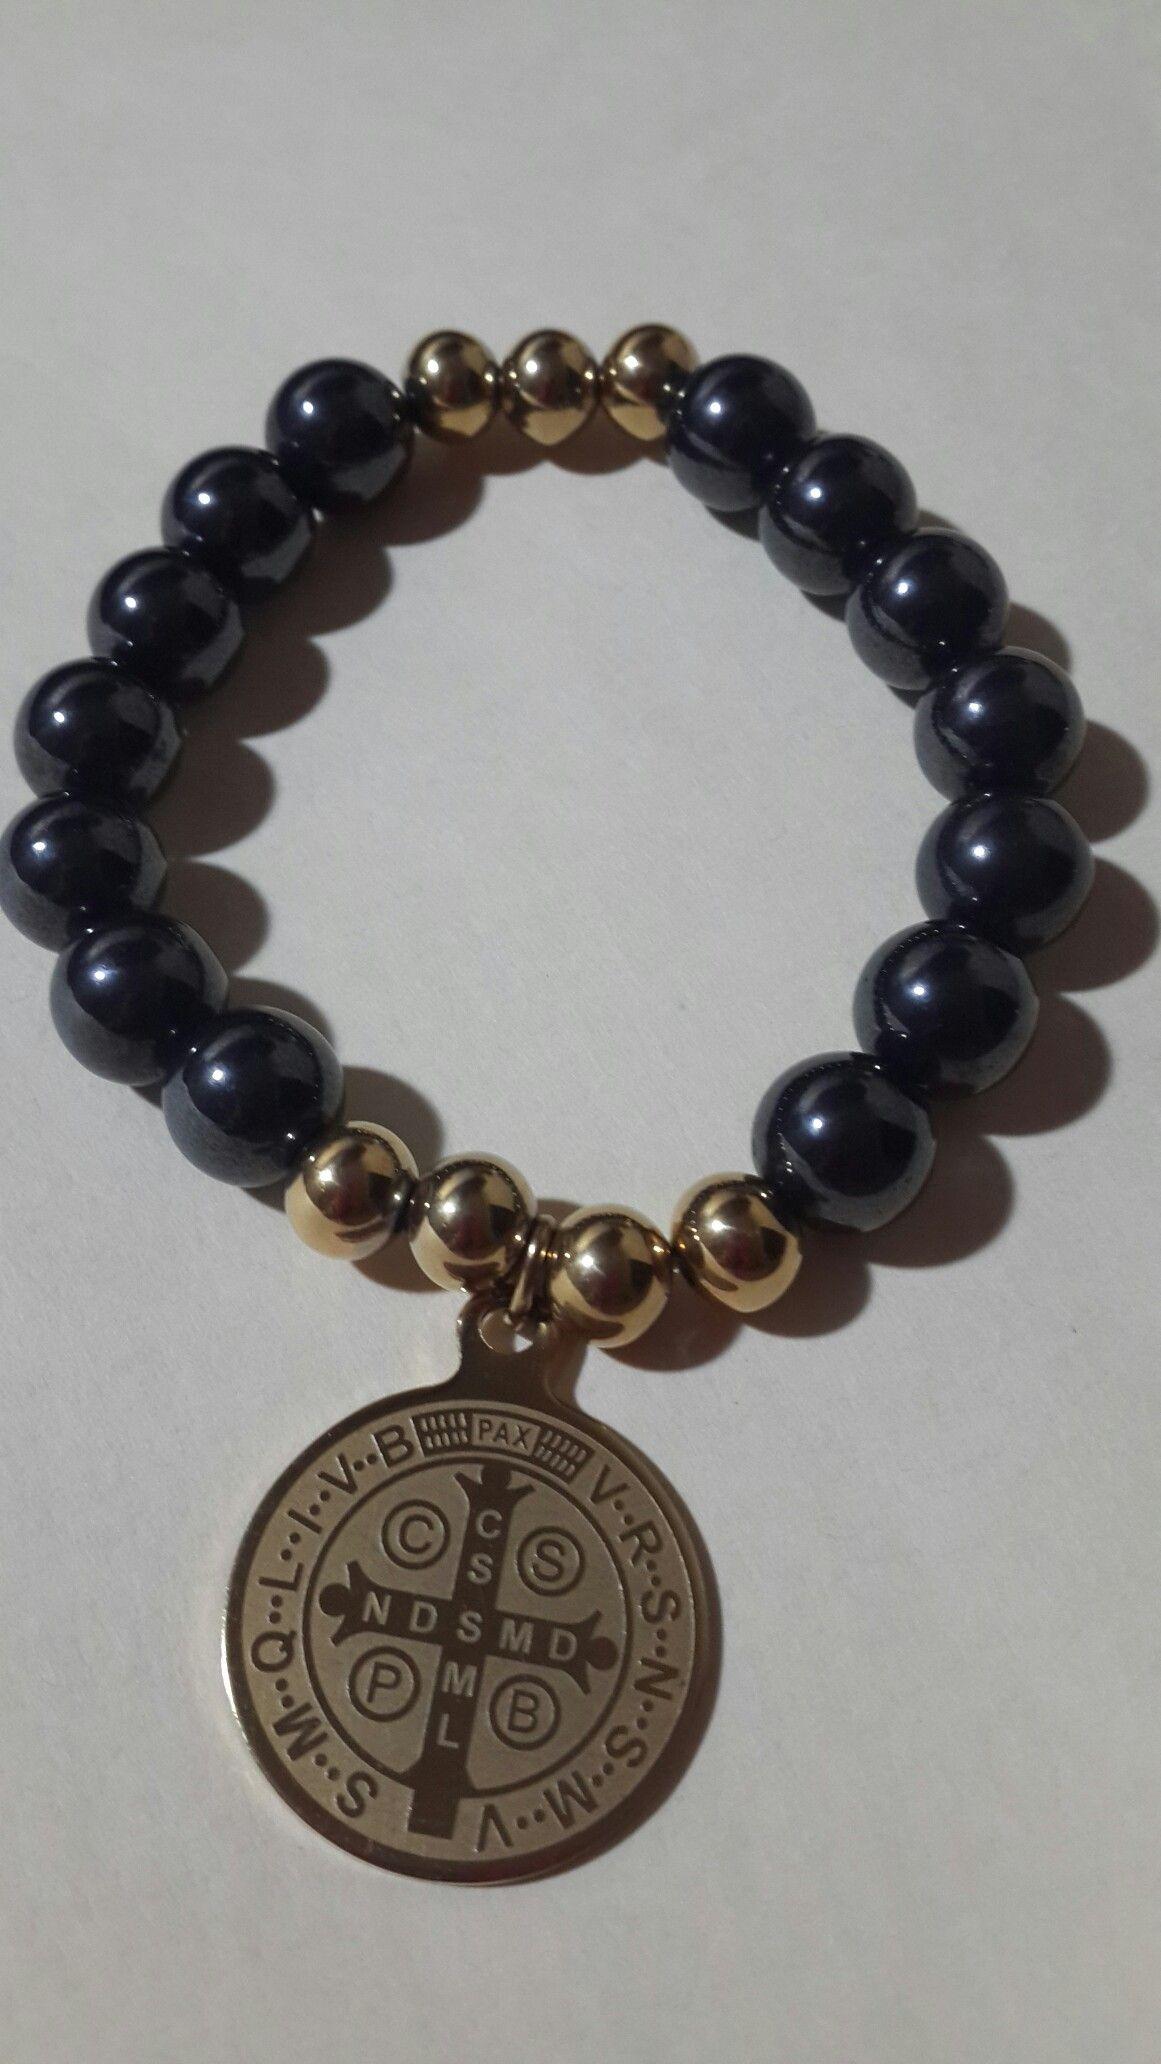 eca793442ec1 Pulsera acerina y acero inoxidable Medalla San Benito. Kml | Pulseras